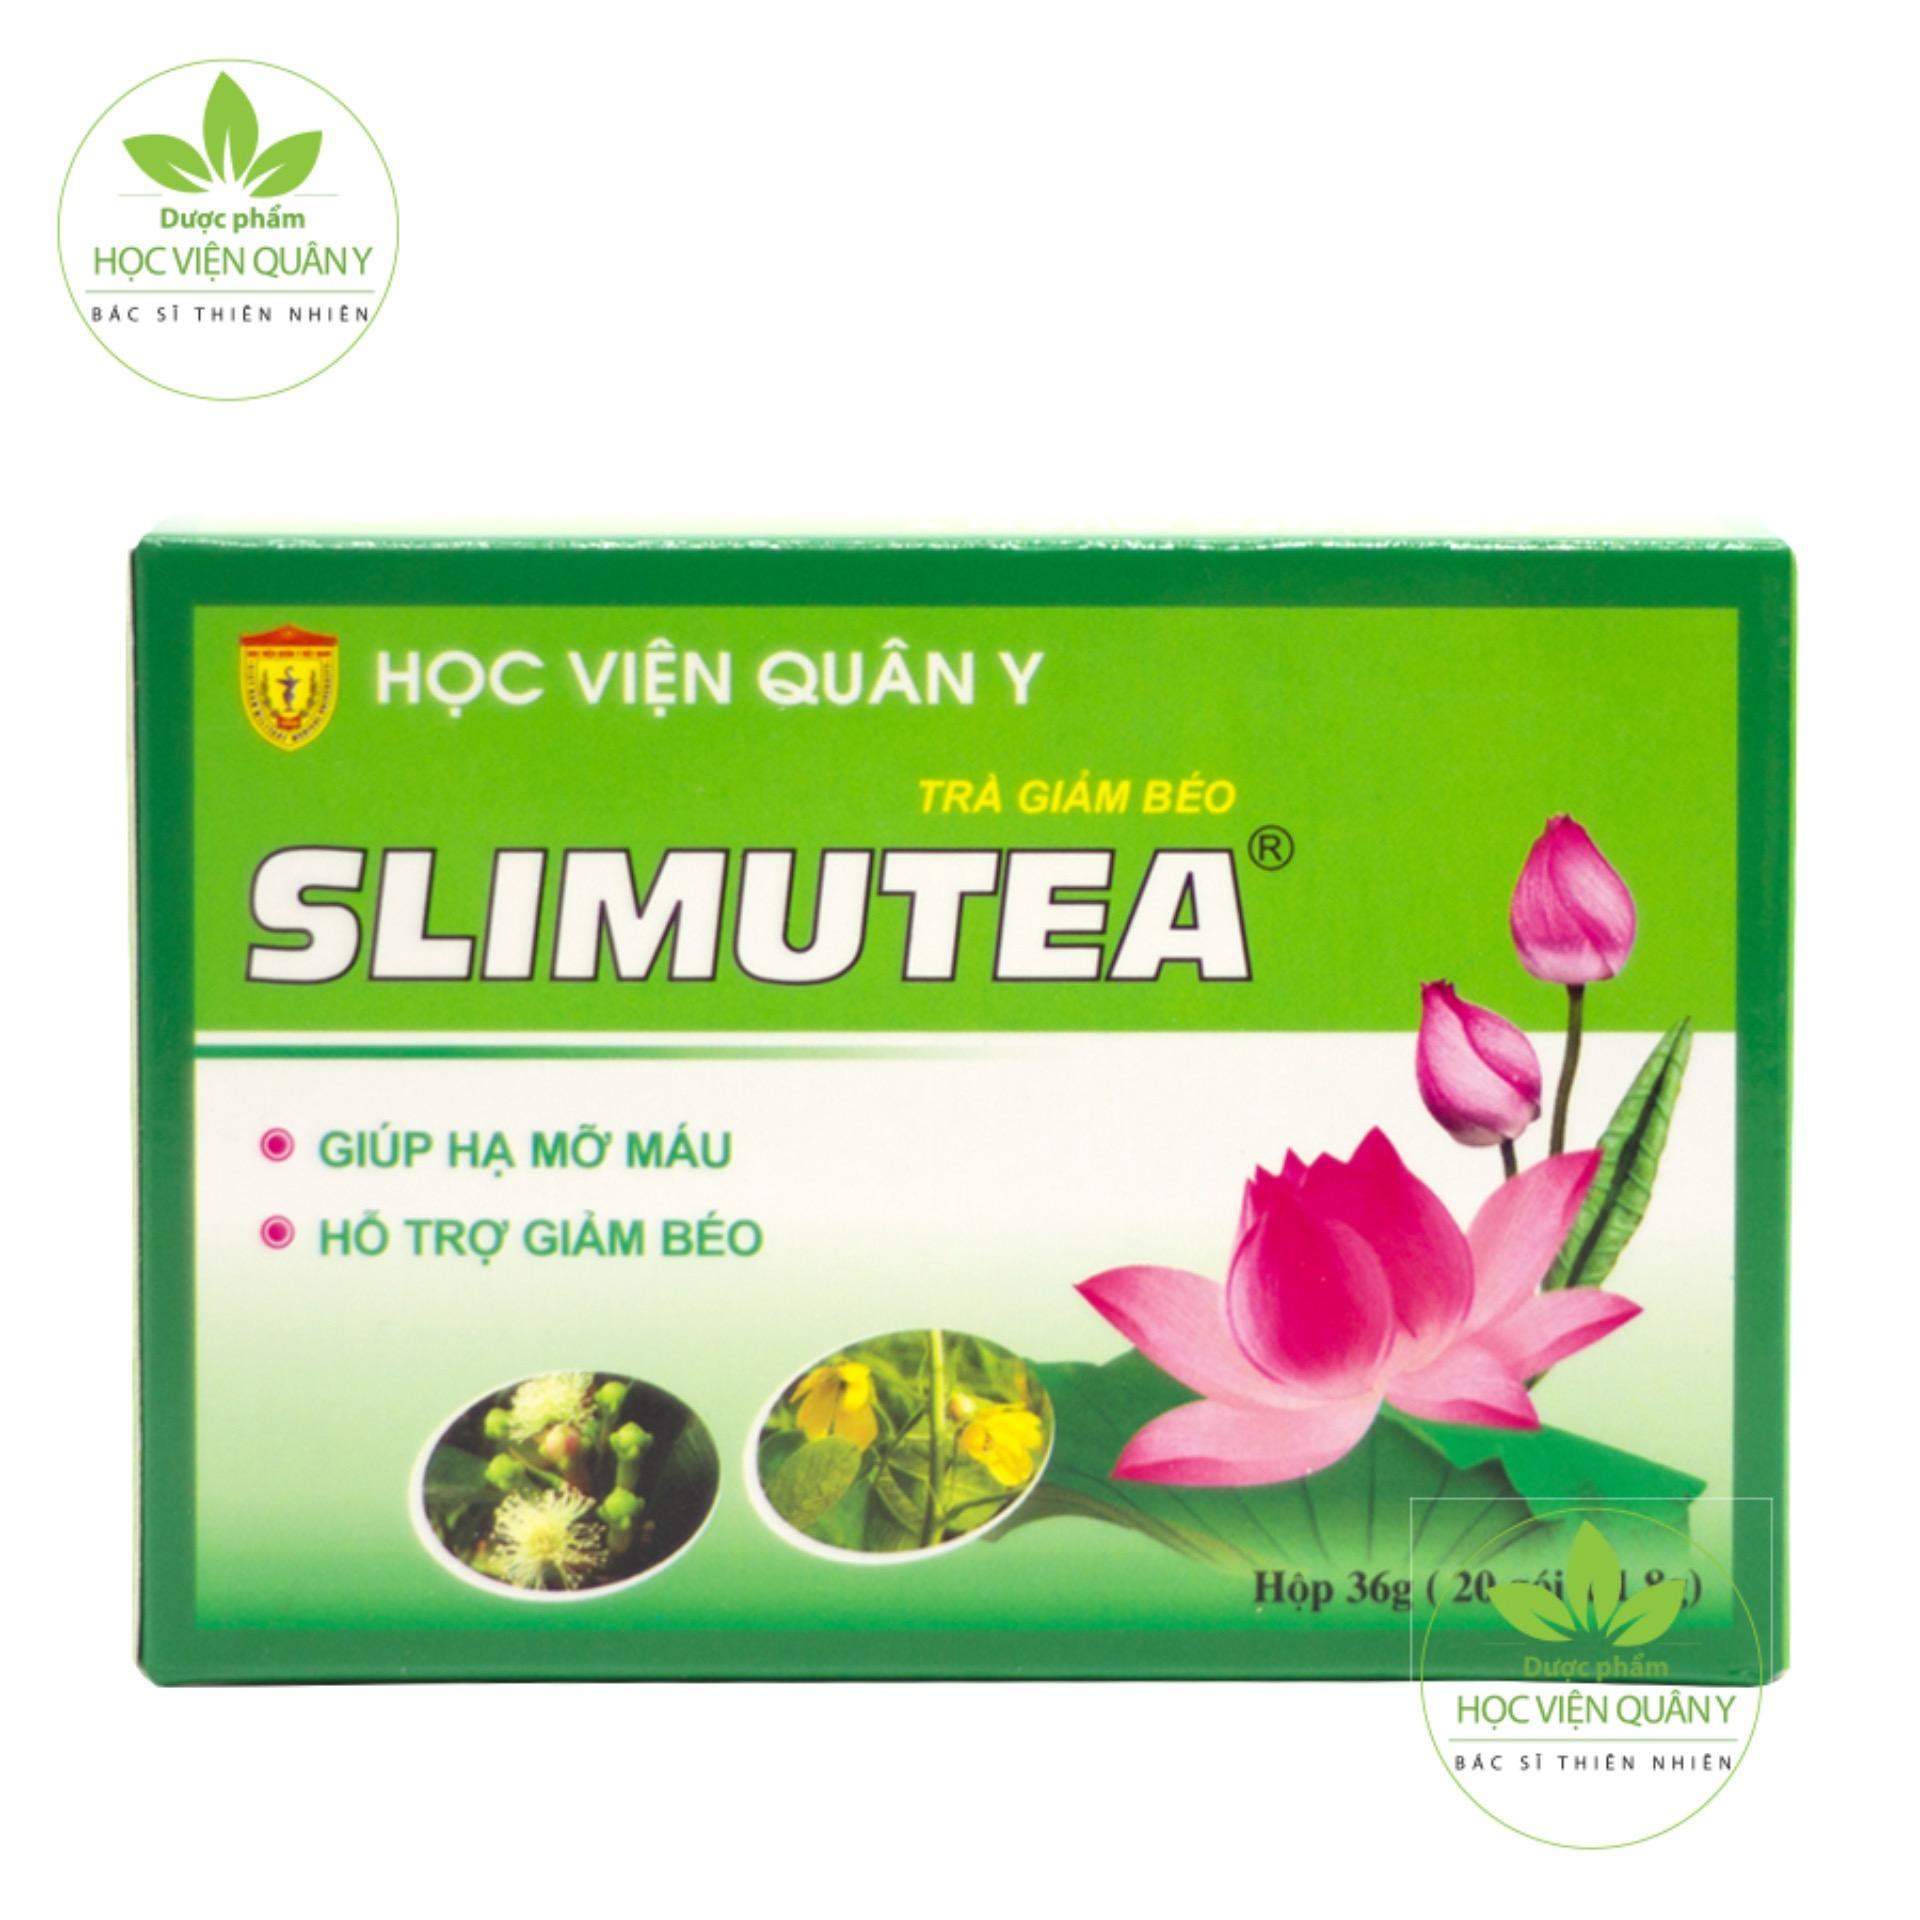 Trà giảm béo Slimutea - HVQY 20 gói trà